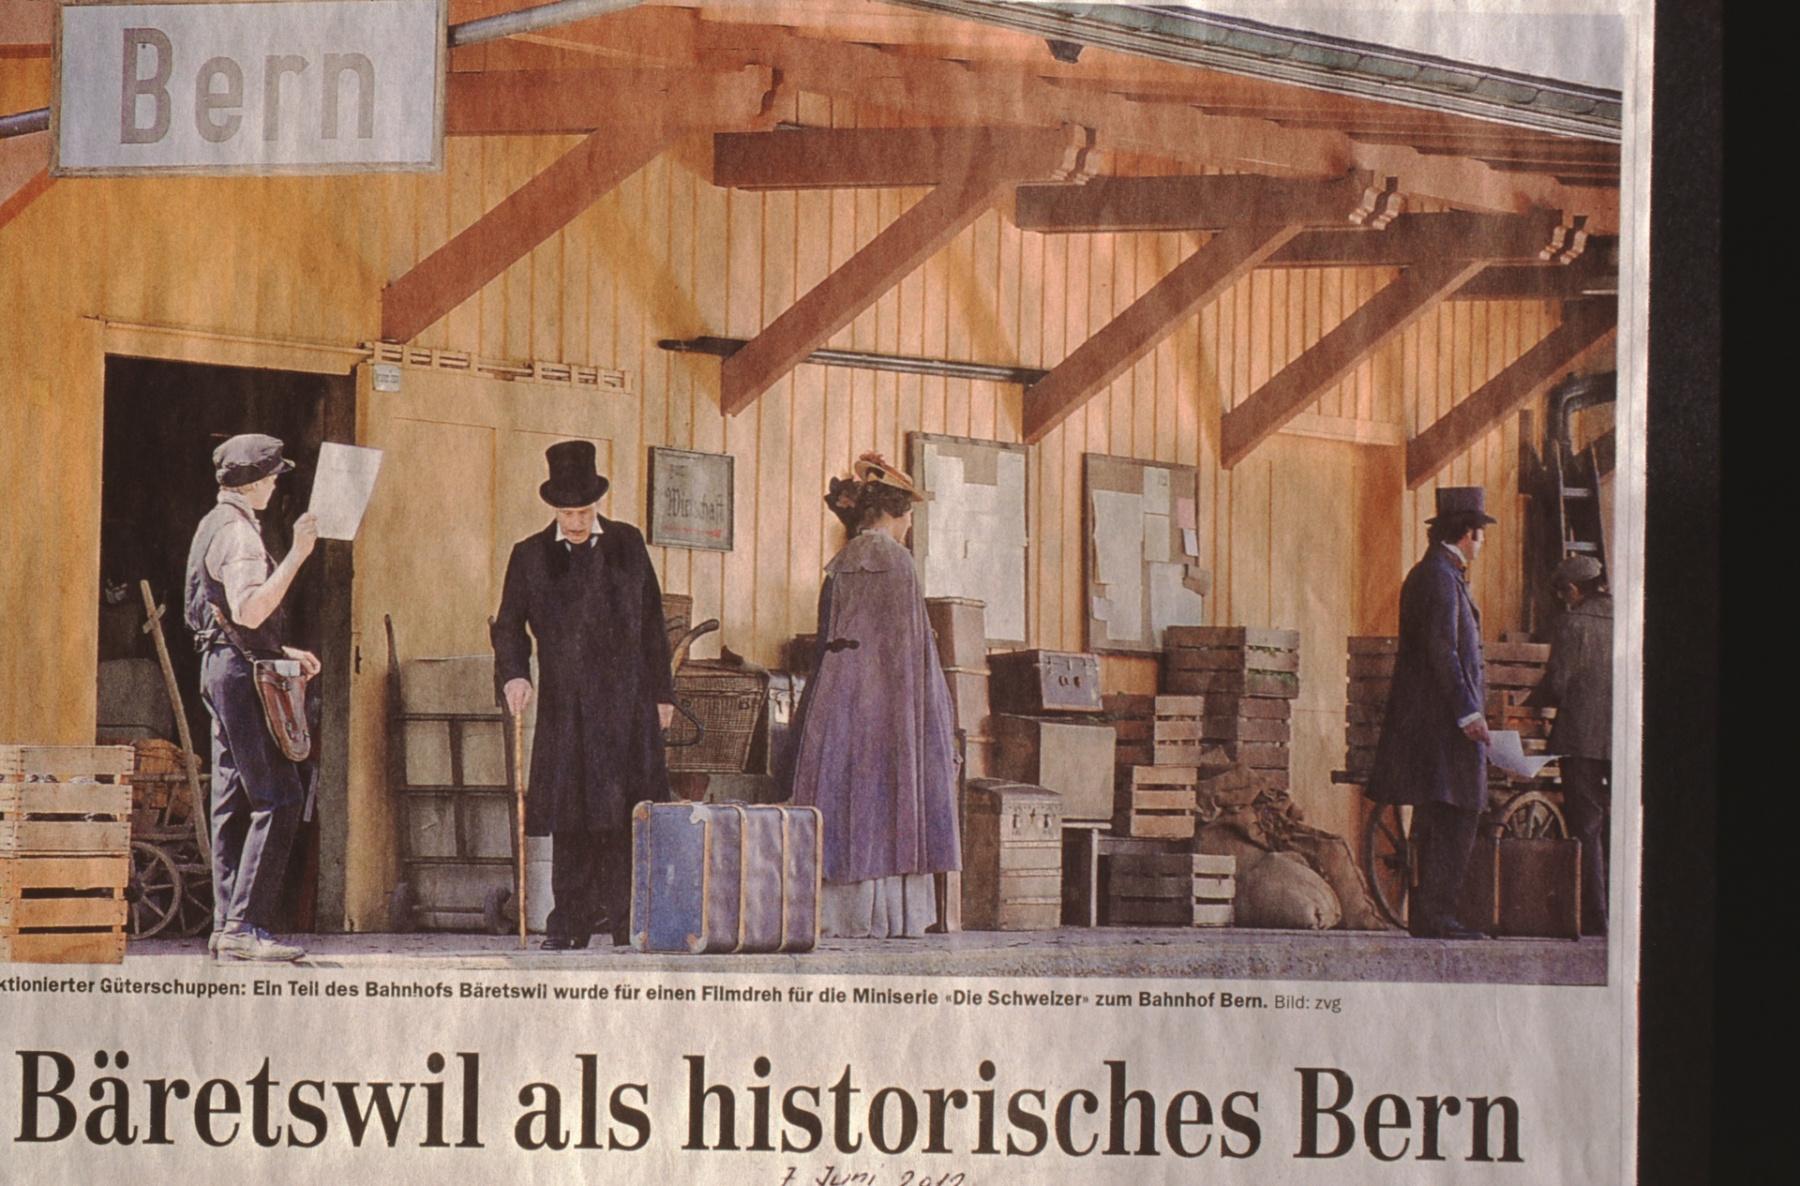 Bäretswil als historisches Bern